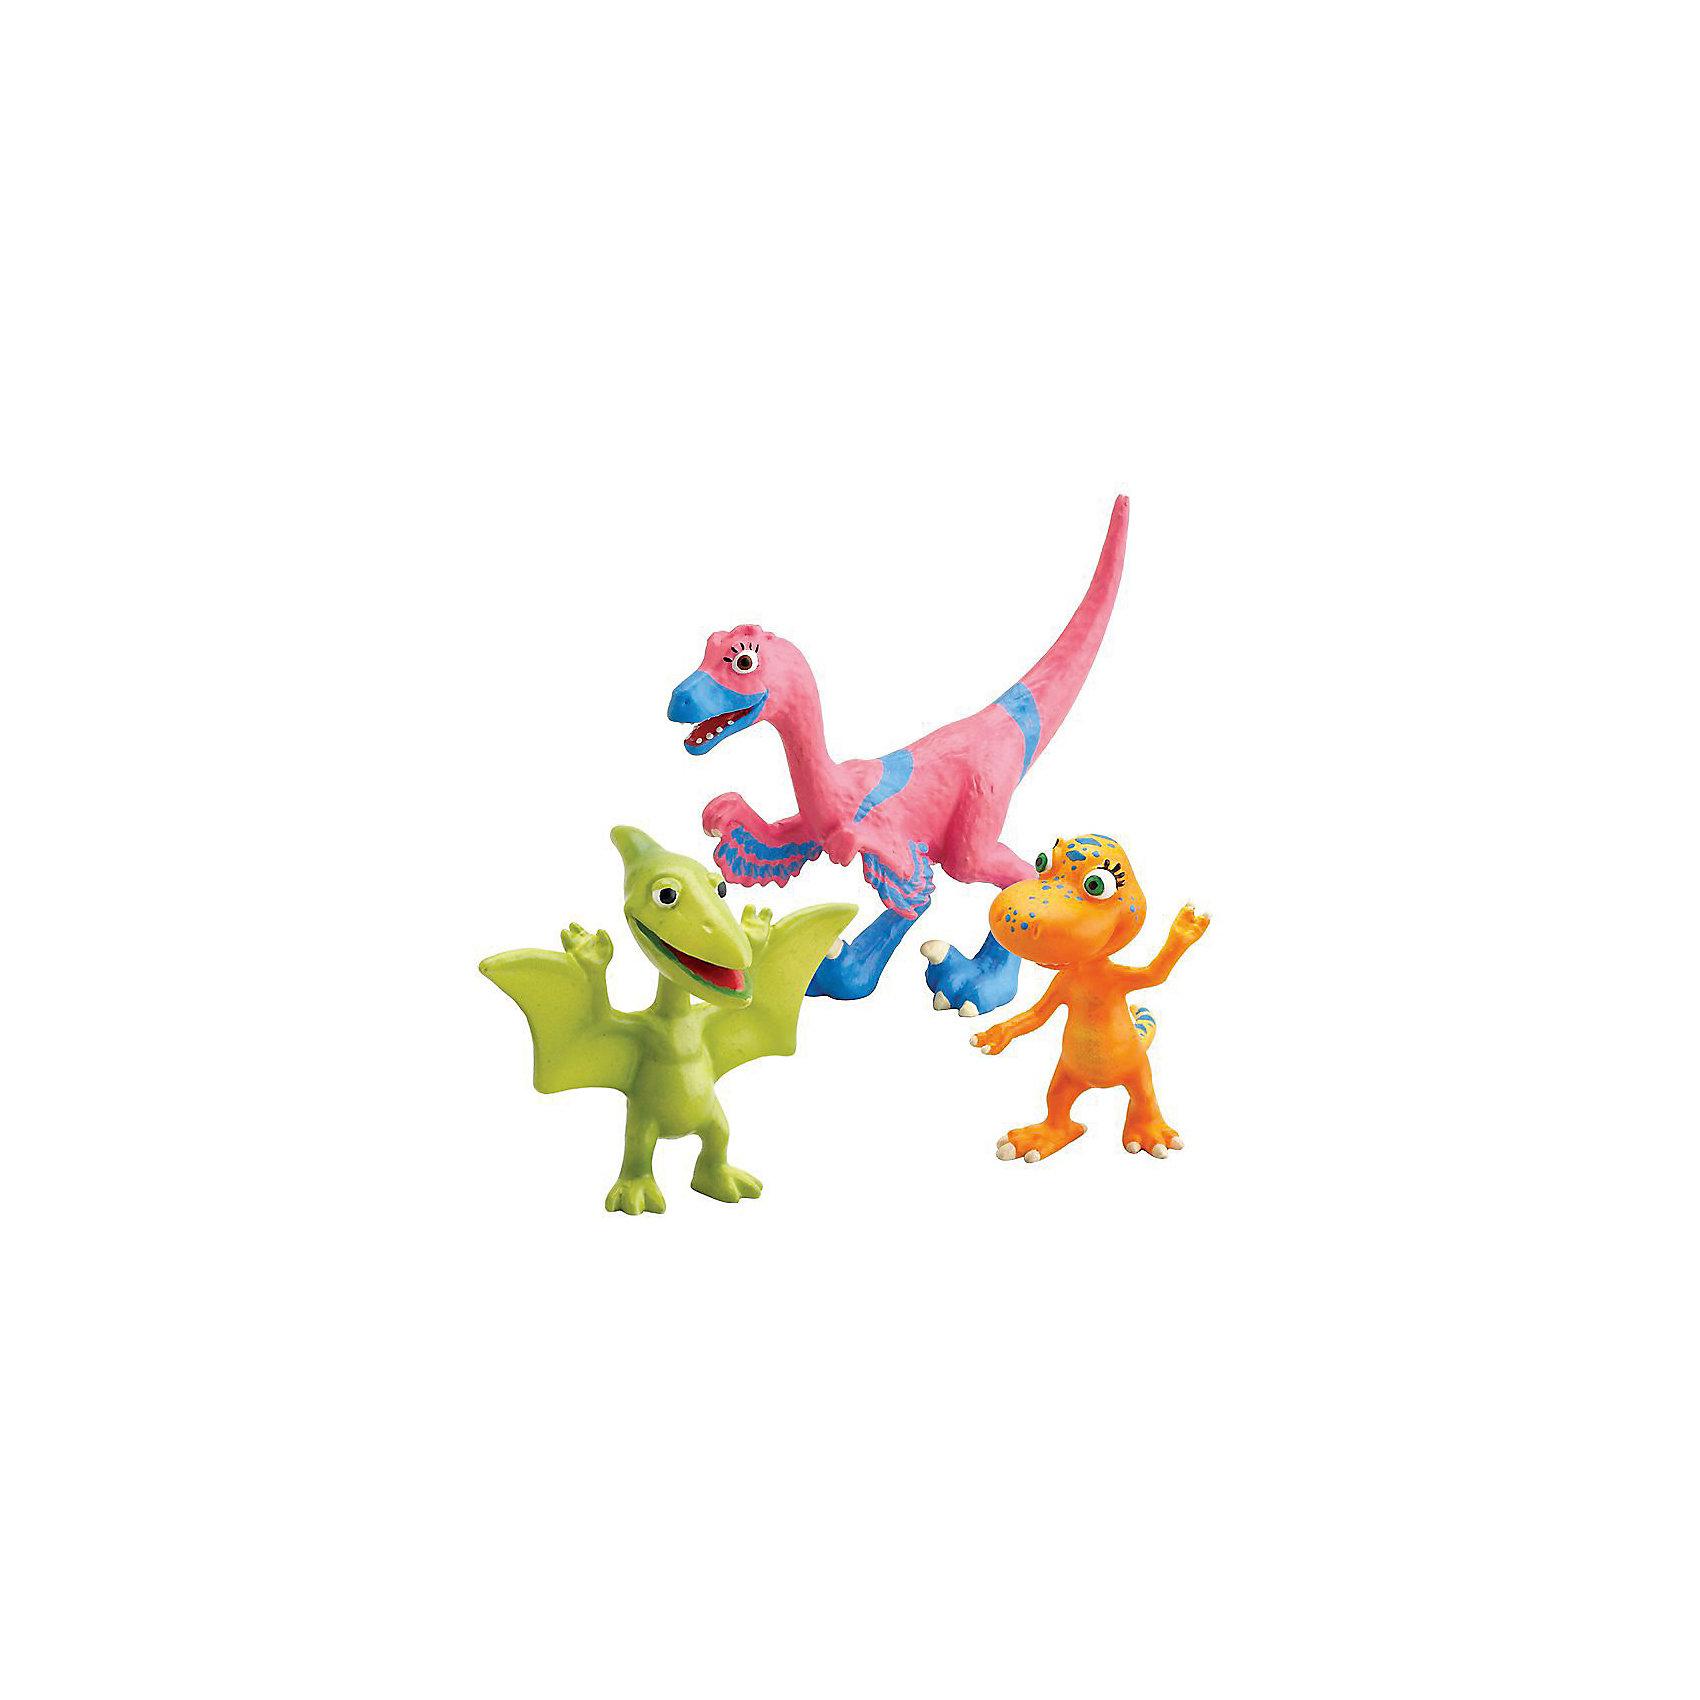 Набор из 3х фигурок (Велма, Энни, Дон), Поезд динозавров, TOMY